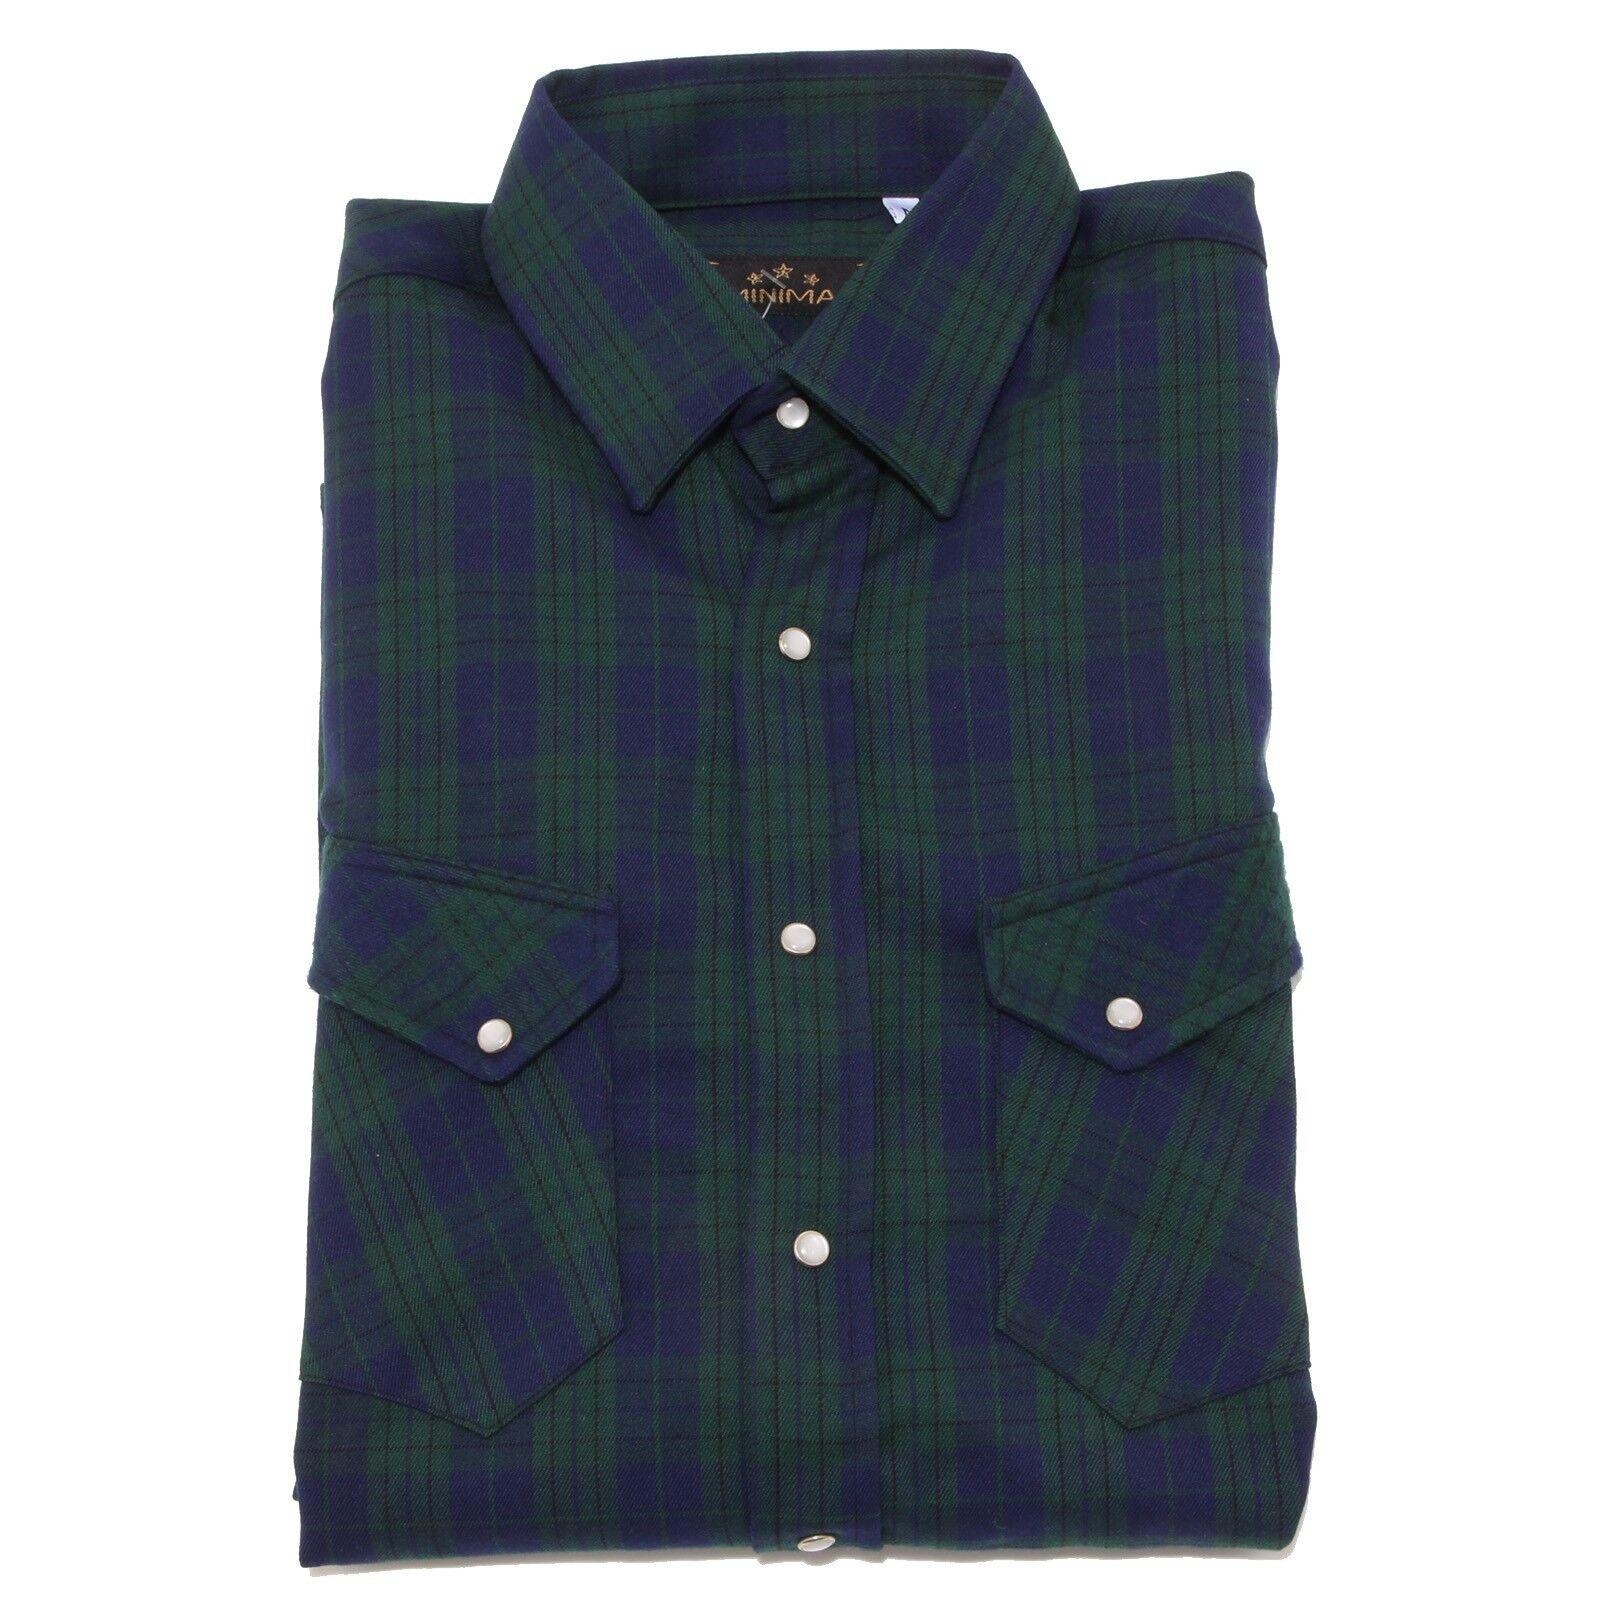 3321O camicia MINIMAL verde blu camicie uomo shirt men